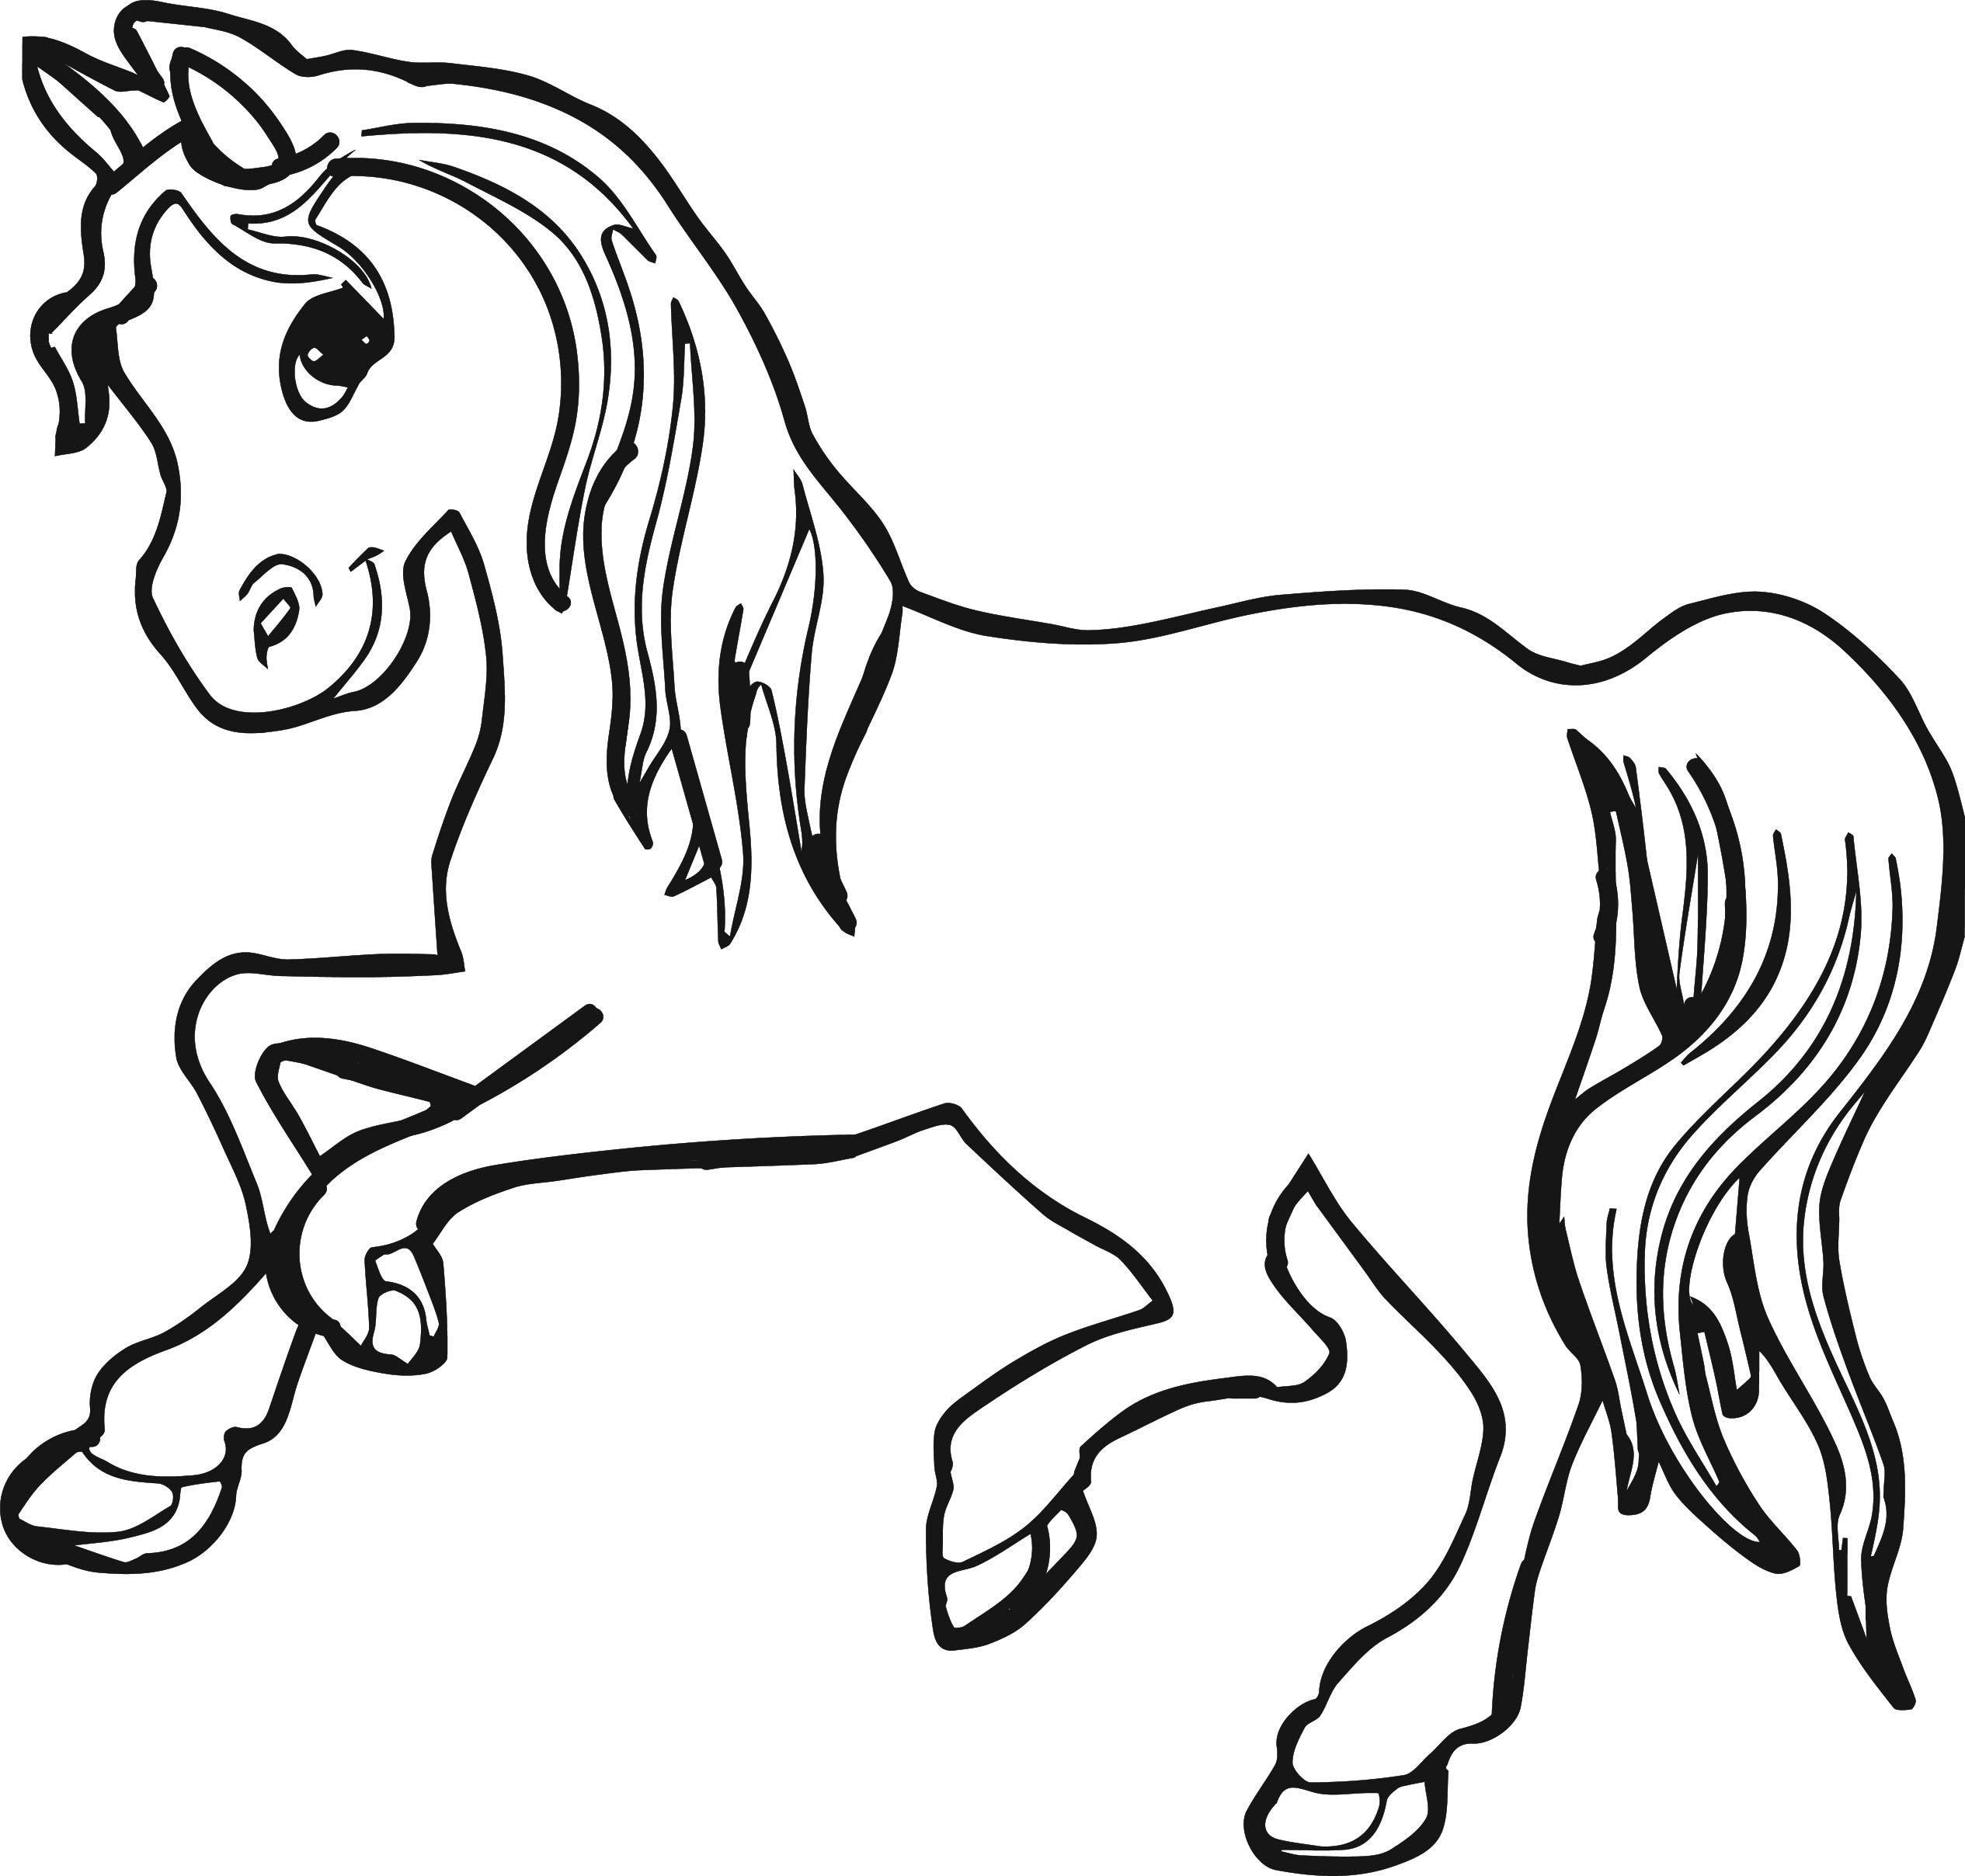 Horse Coloring Pages   Wecoloringpage à Coloriage Pour Fille